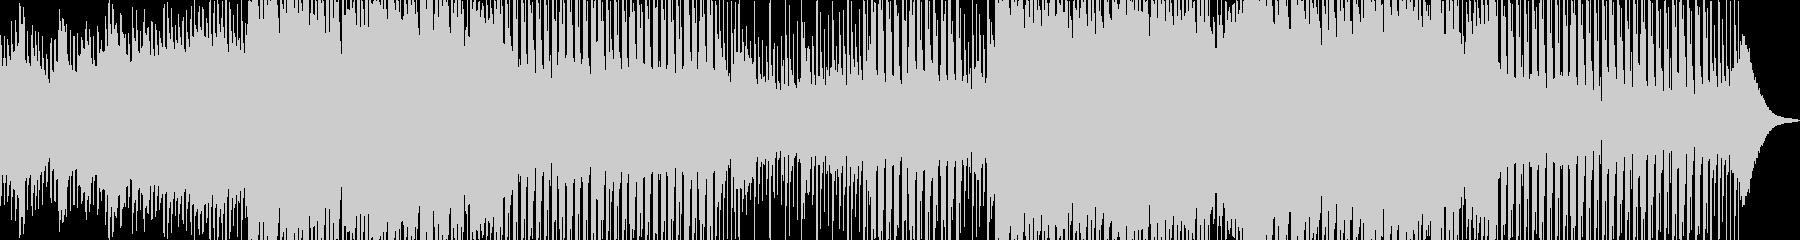 シネマティック 技術的な 繰り返し...の未再生の波形